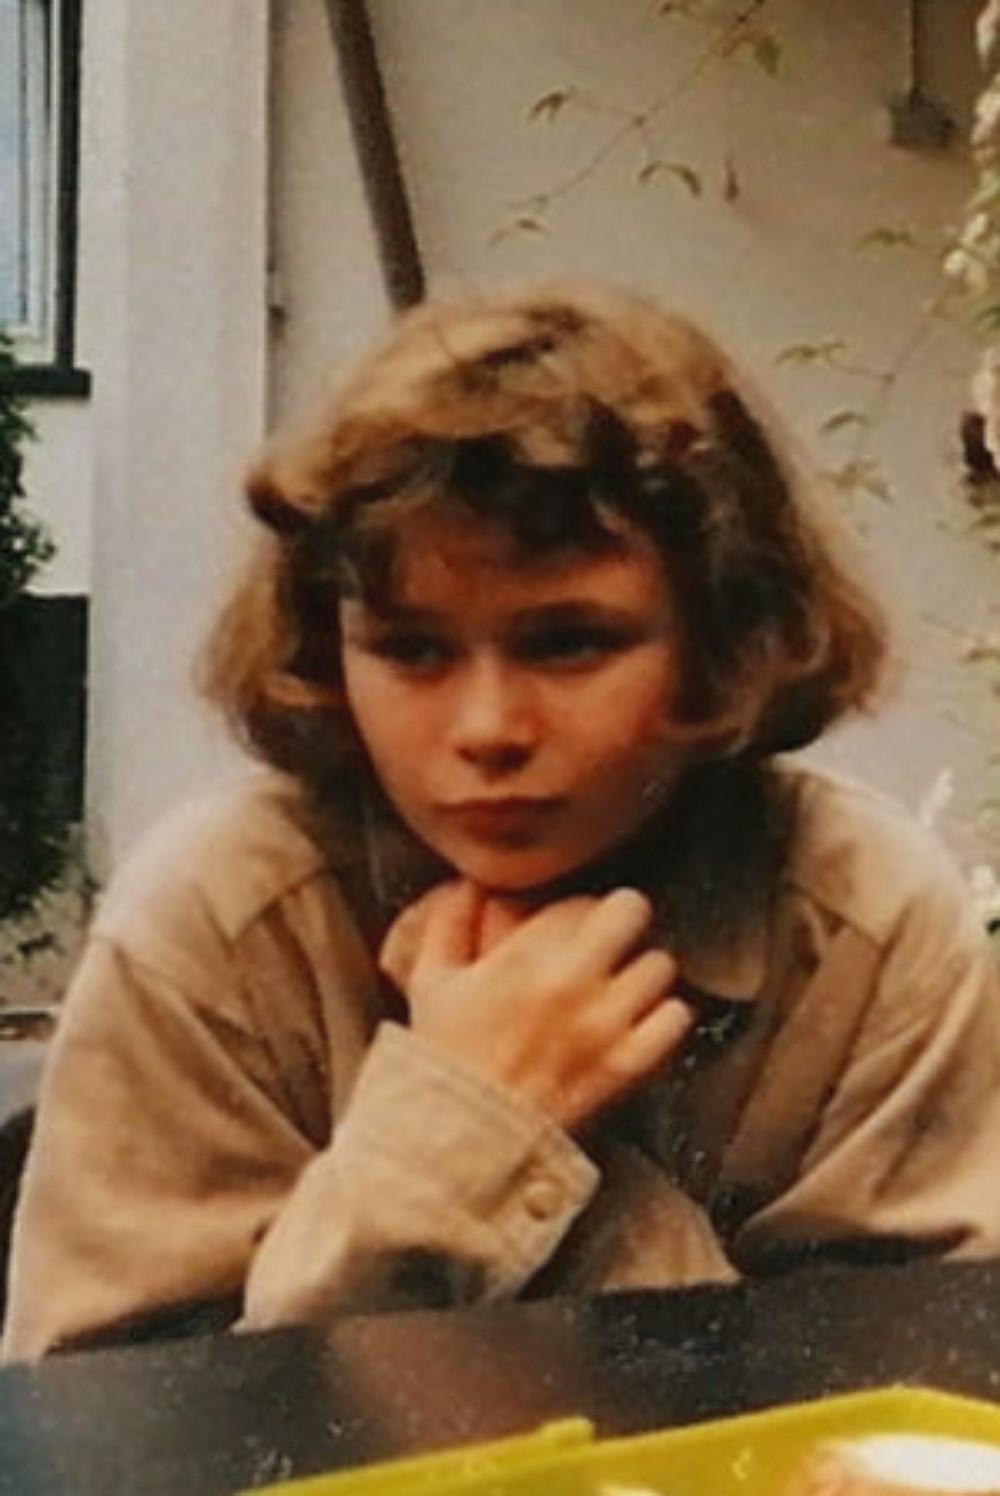 die 12-jährige Eva sitzt nachdenklich und verschlossen auf der Terasse